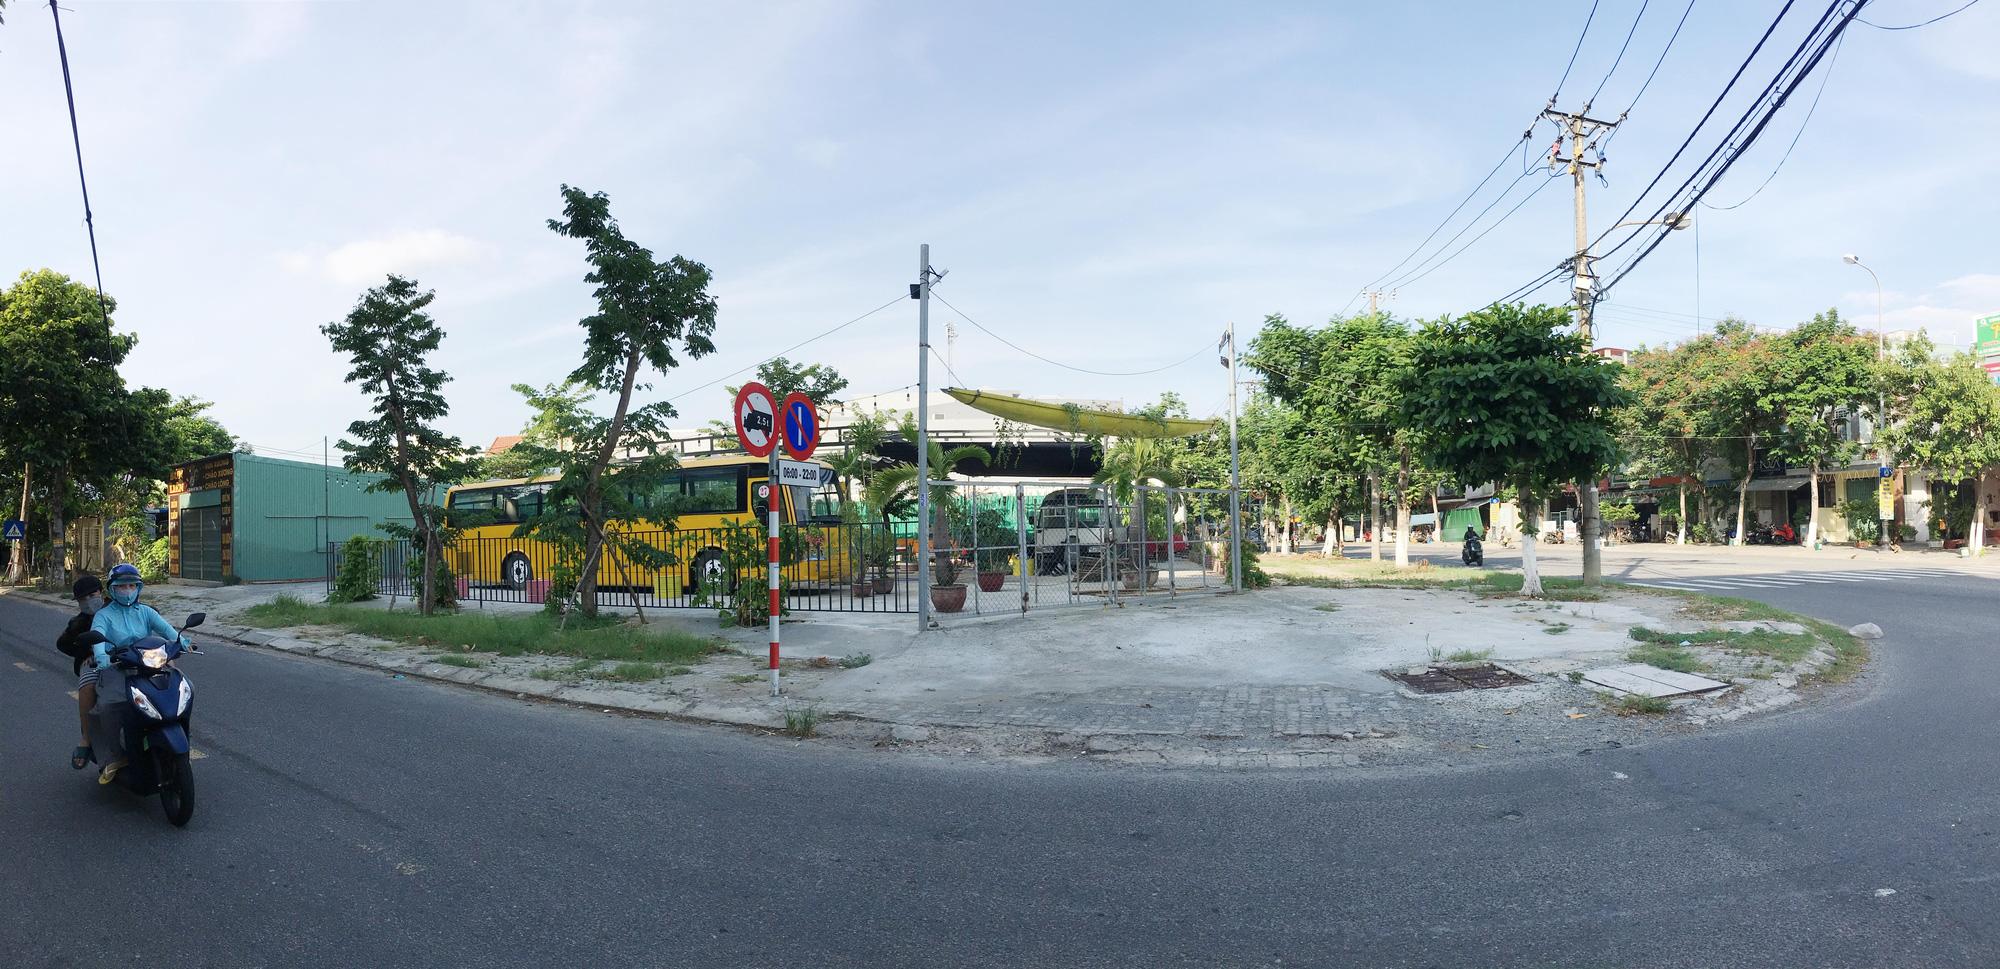 Cận cảnh hai khu đất ở quận Cẩm Lệ, Đà Nẵng sẽ đấu giá làm bãi đỗ xe - Ảnh 10.